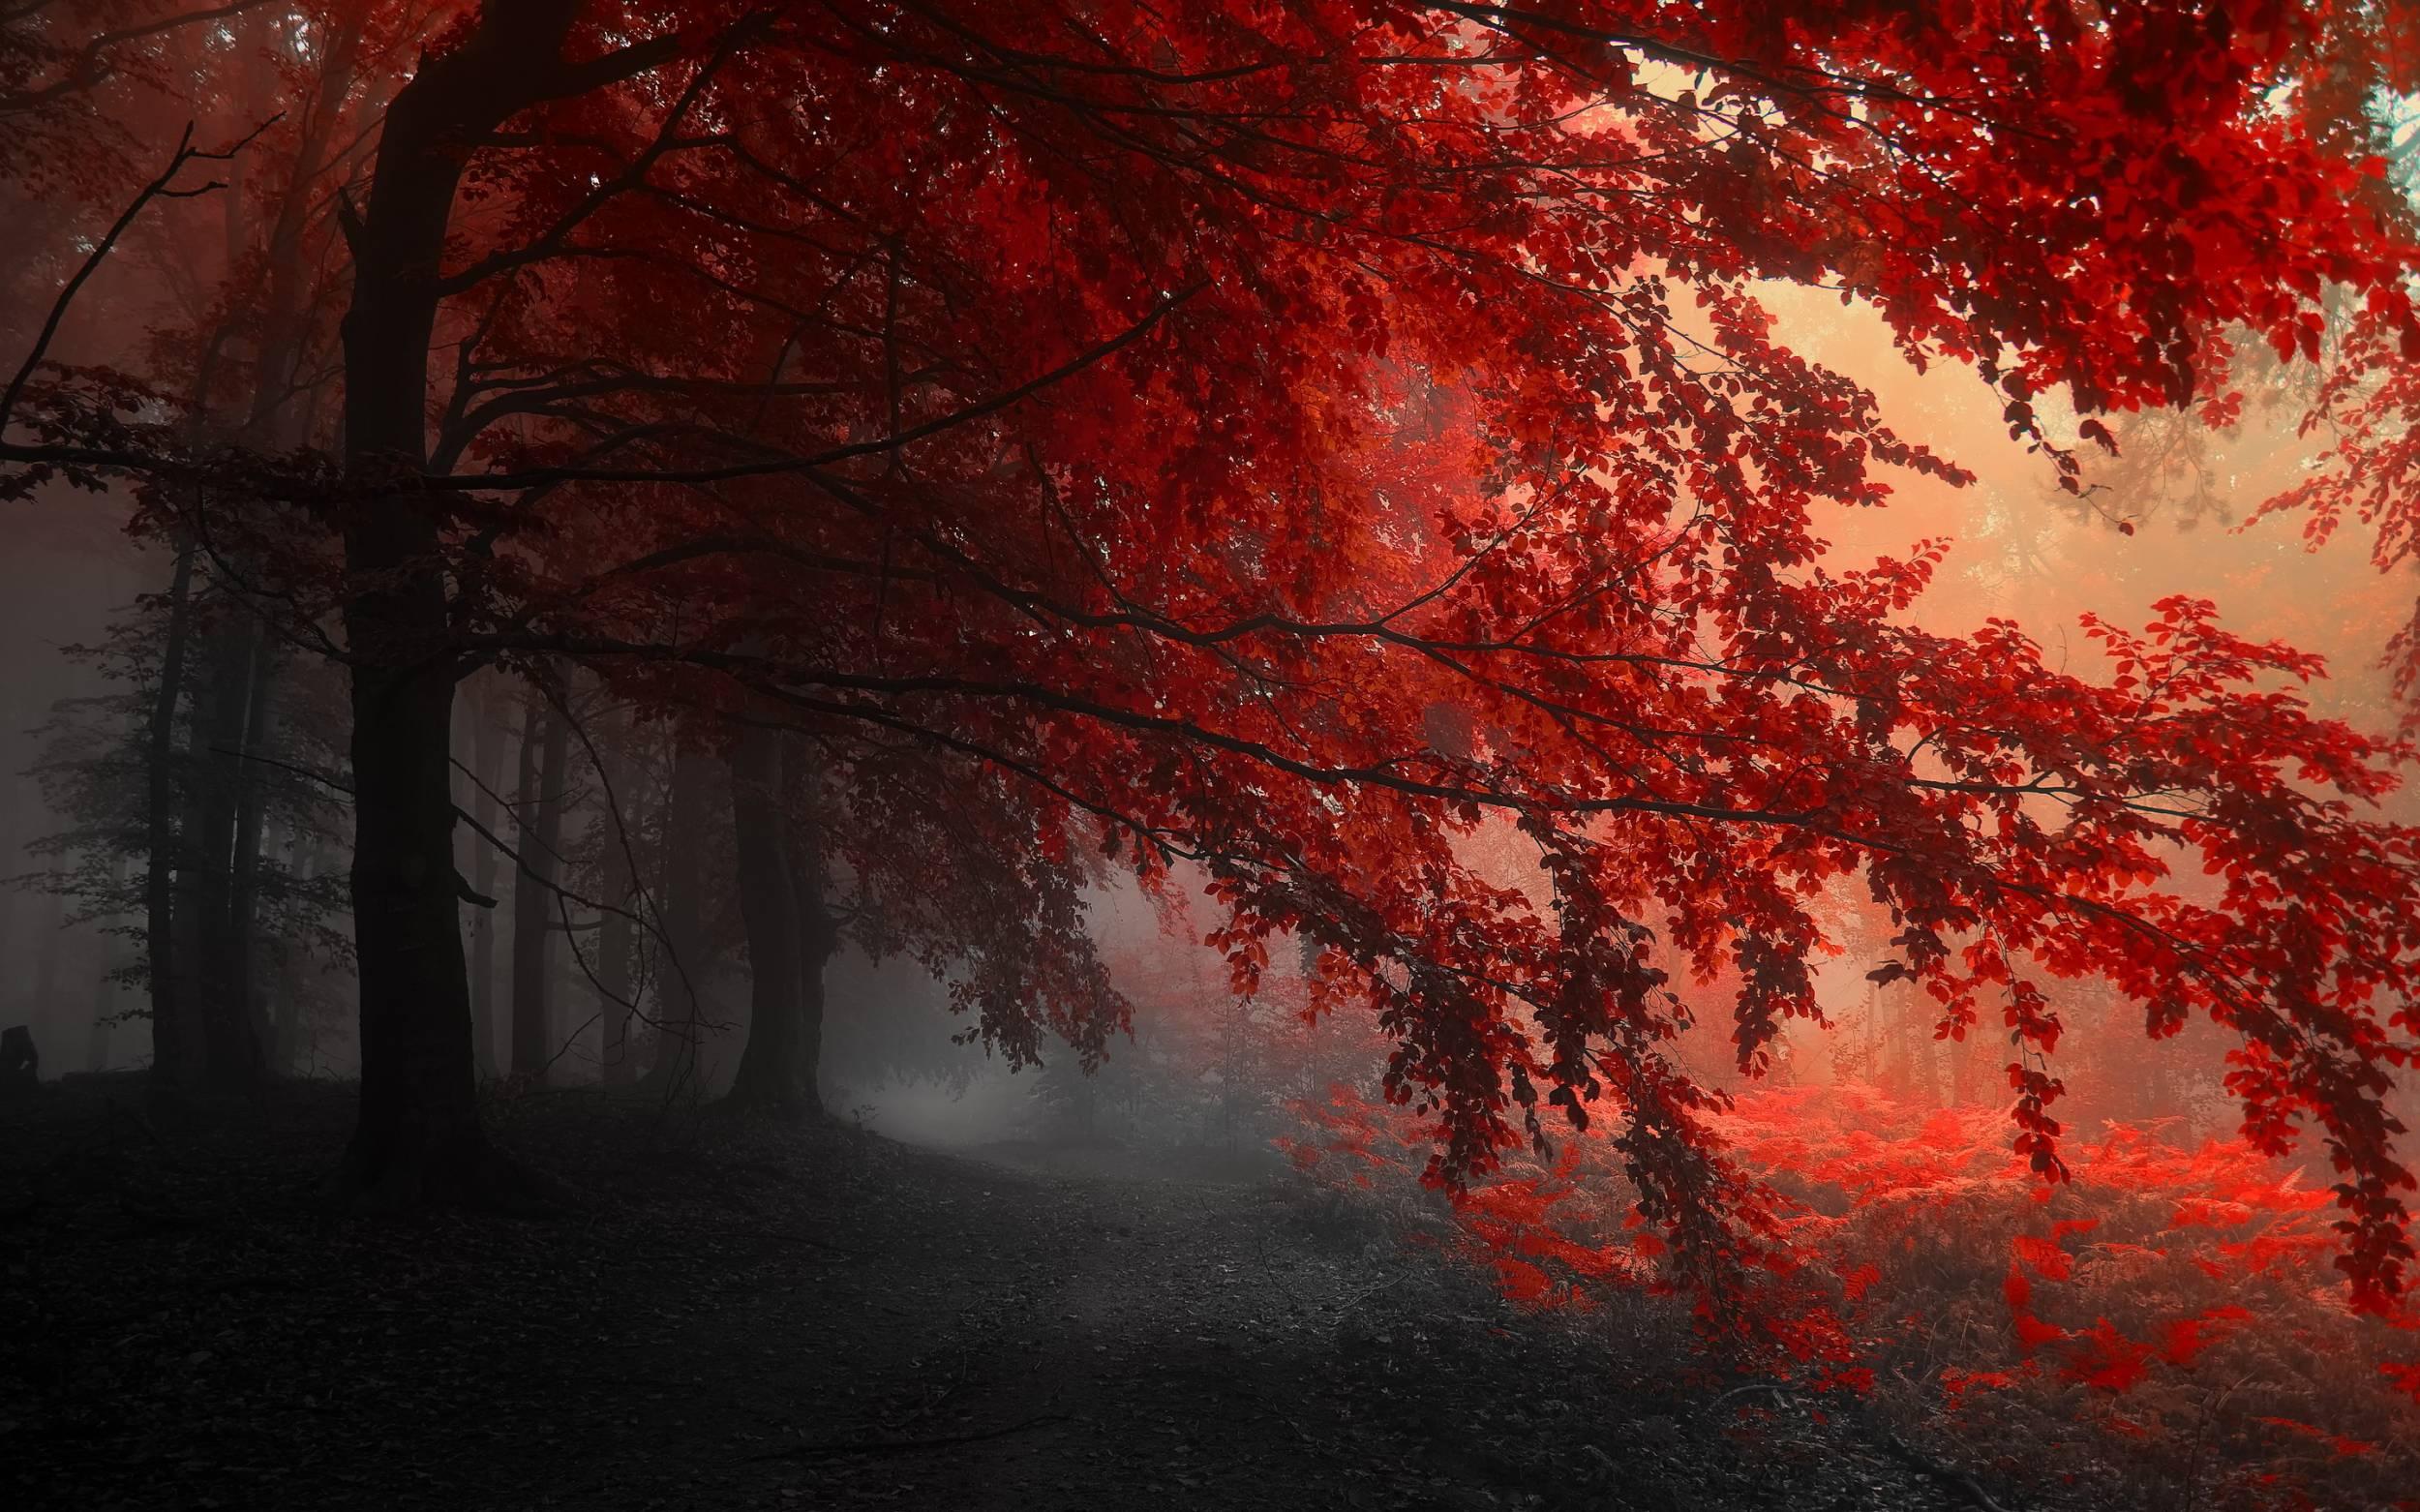 بالصور خلفية حمراء , خلفيات حصرية باللون الاحمر 4670 4